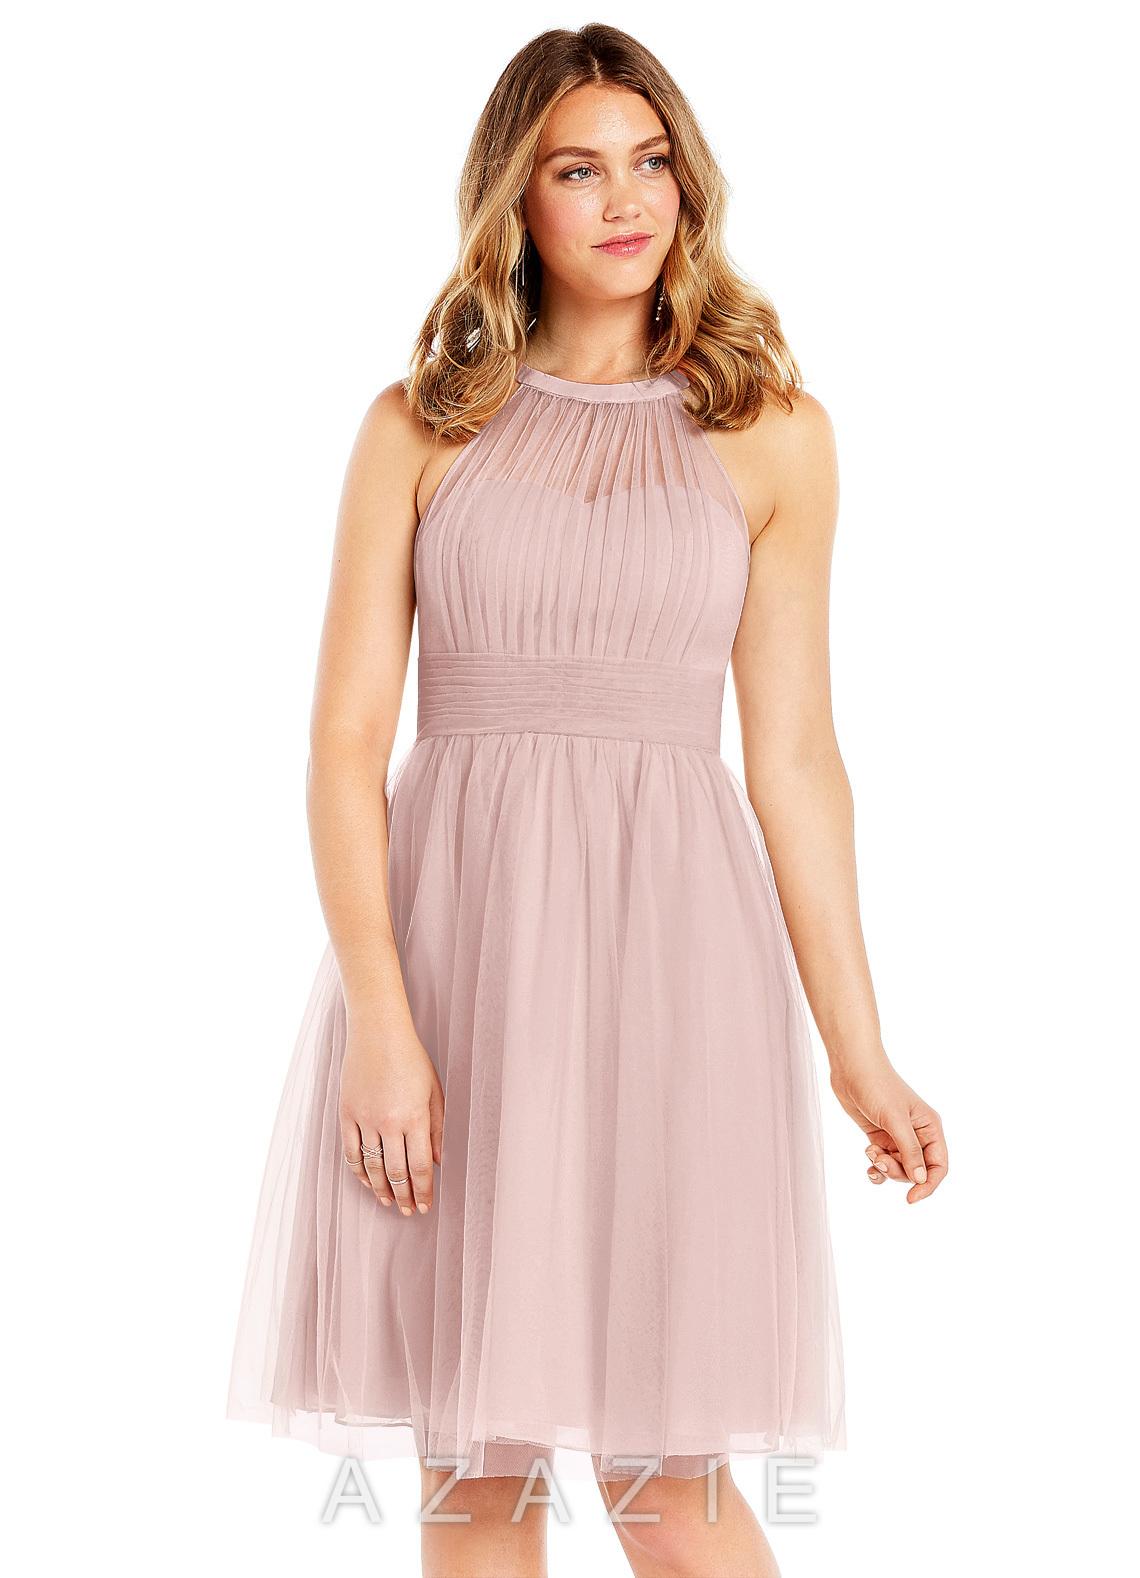 8637a6ad66347 Azazie Mackenzie Bridesmaid Dress | Azazie